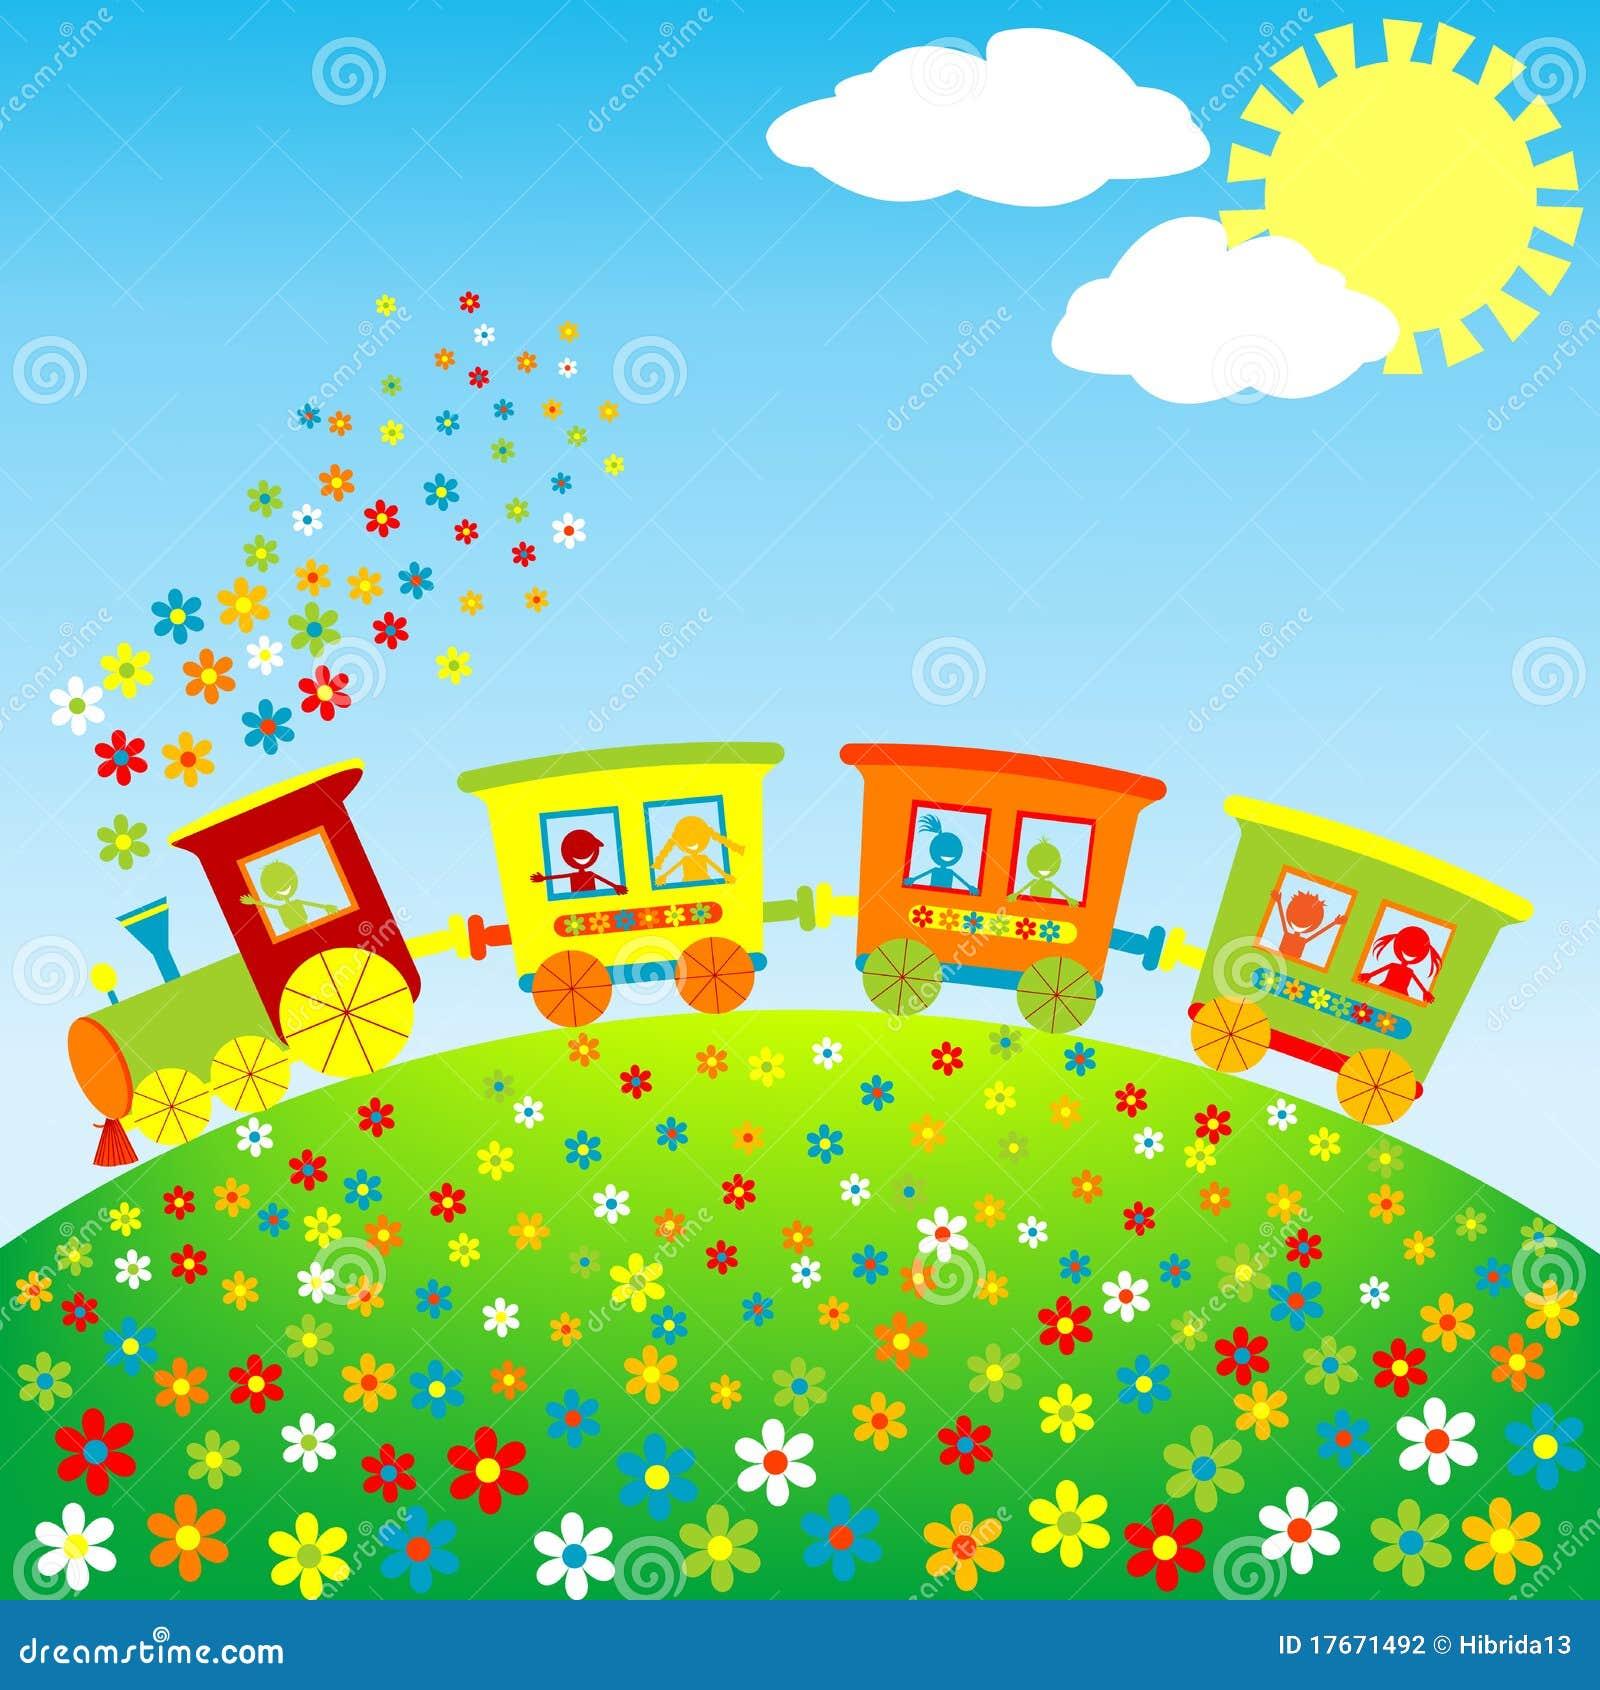 Farbige Spielzeugserie mit glücklichen Kindern